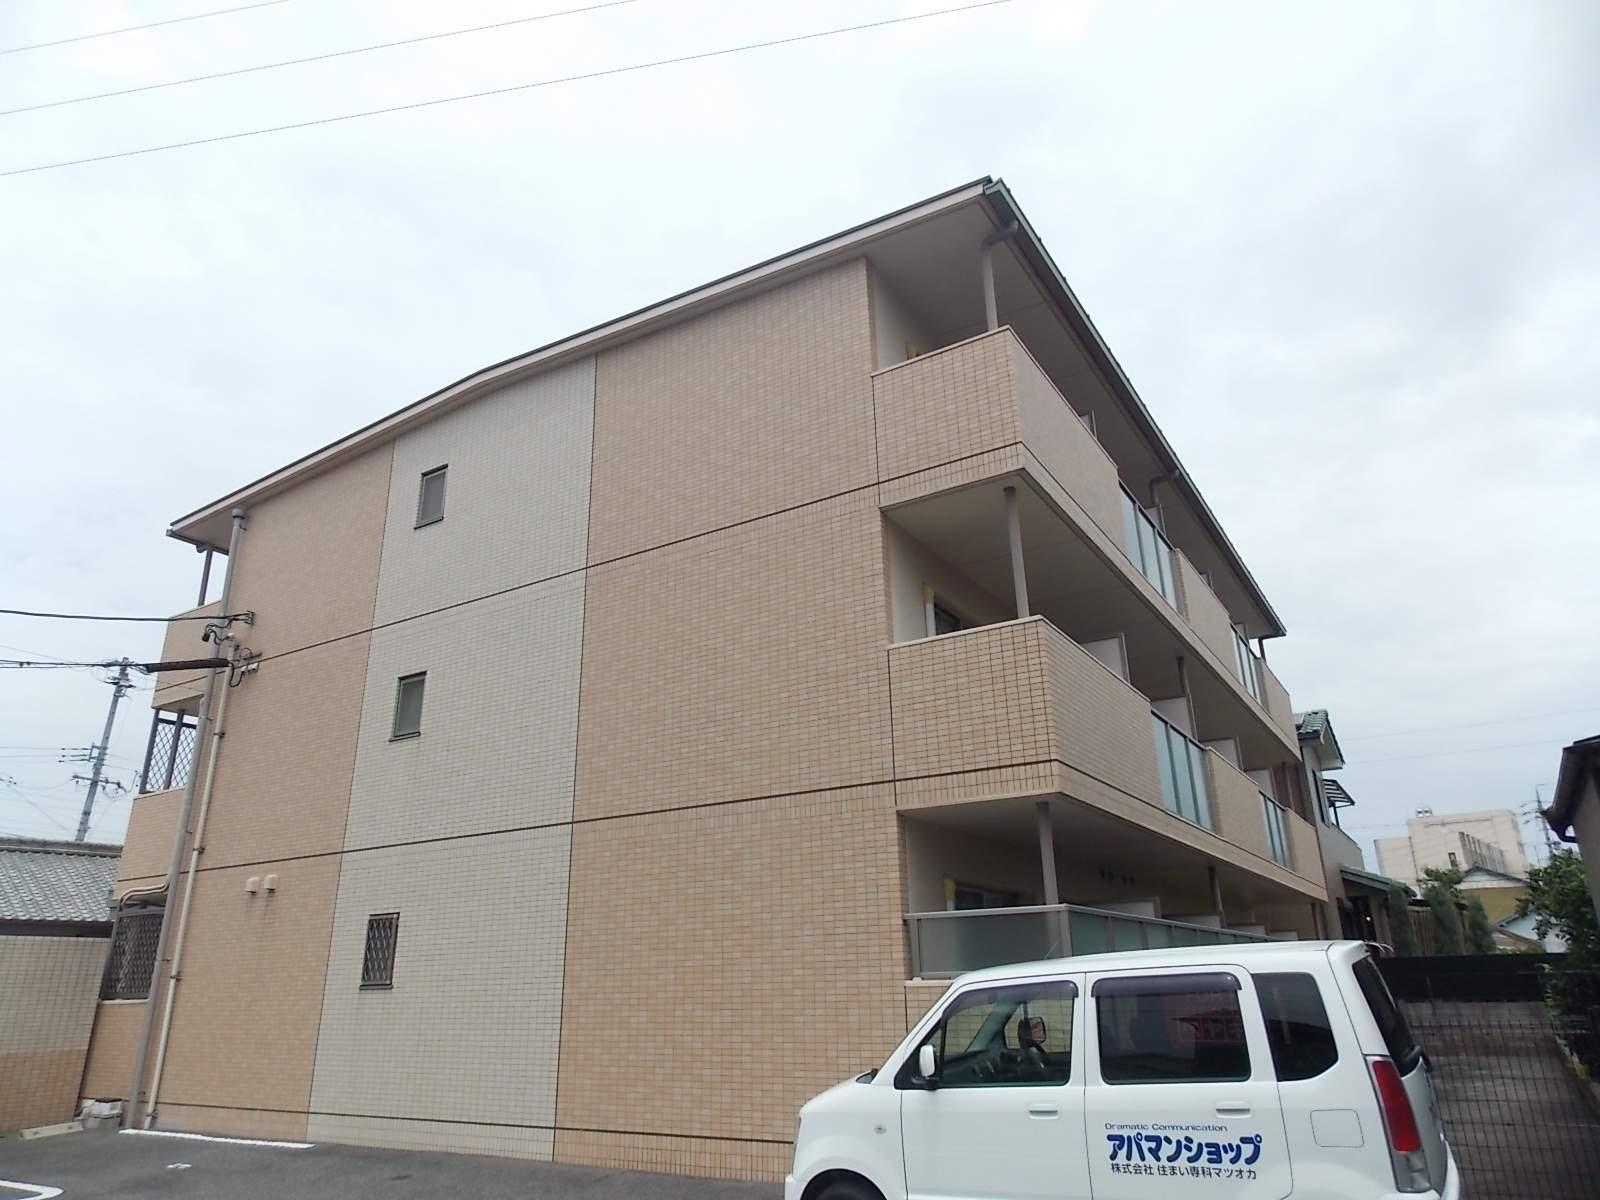 愛知県北名古屋市、西春駅徒歩26分の築10年 3階建の賃貸マンション